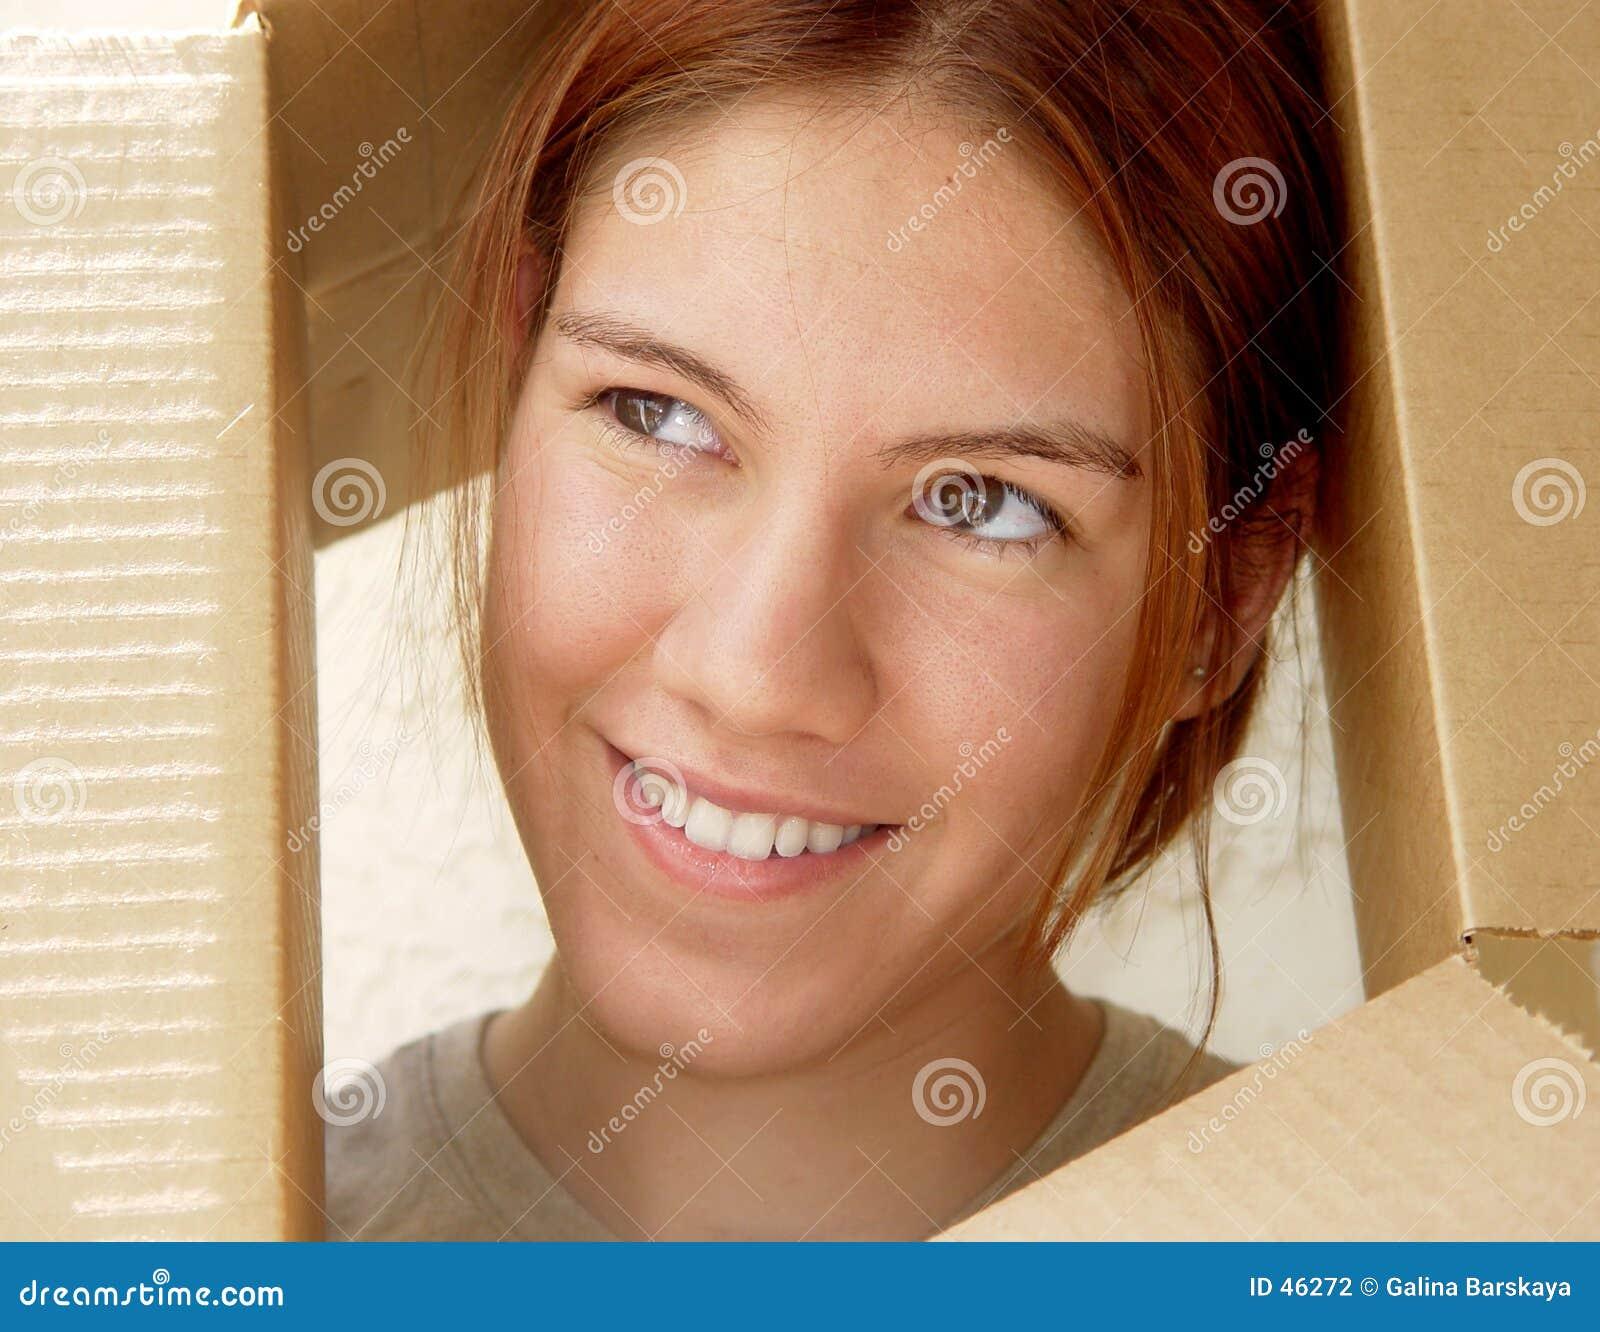 Vos in een doos